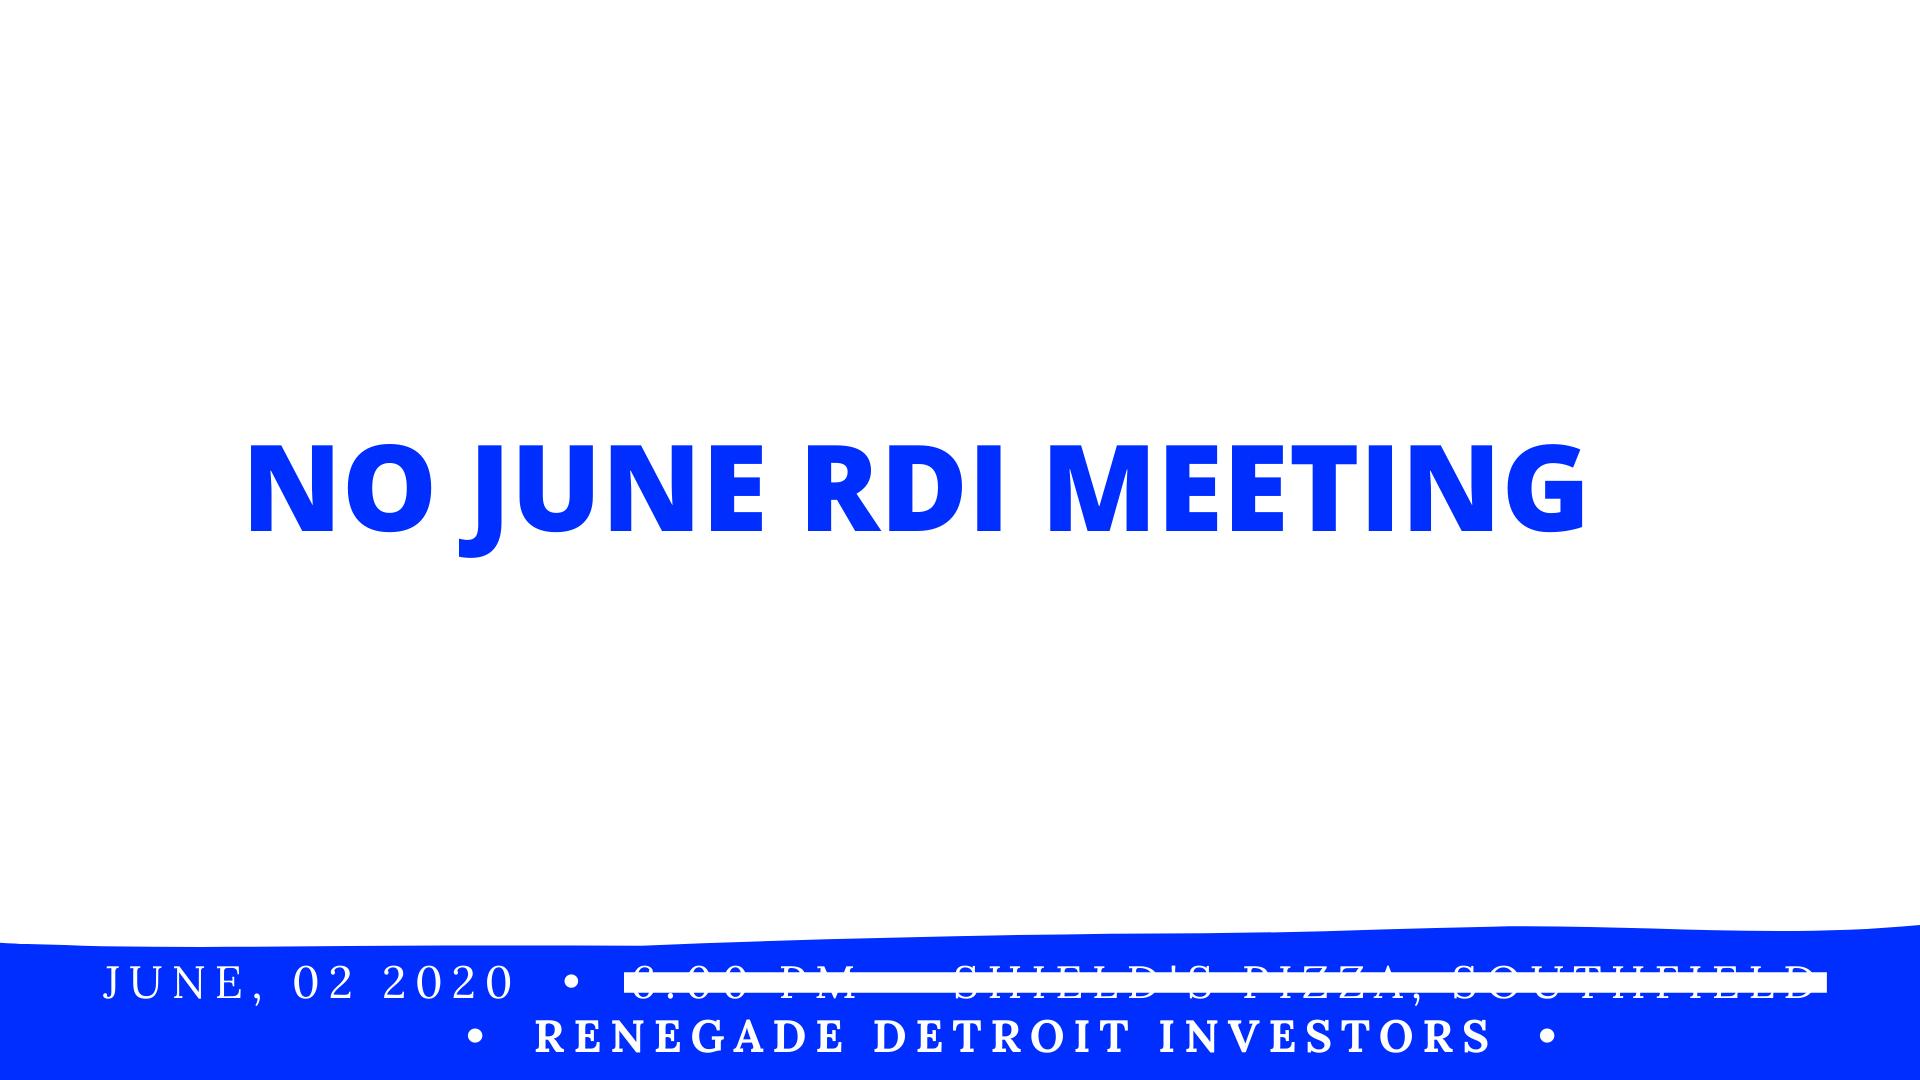 No June RDI Meeting 2020